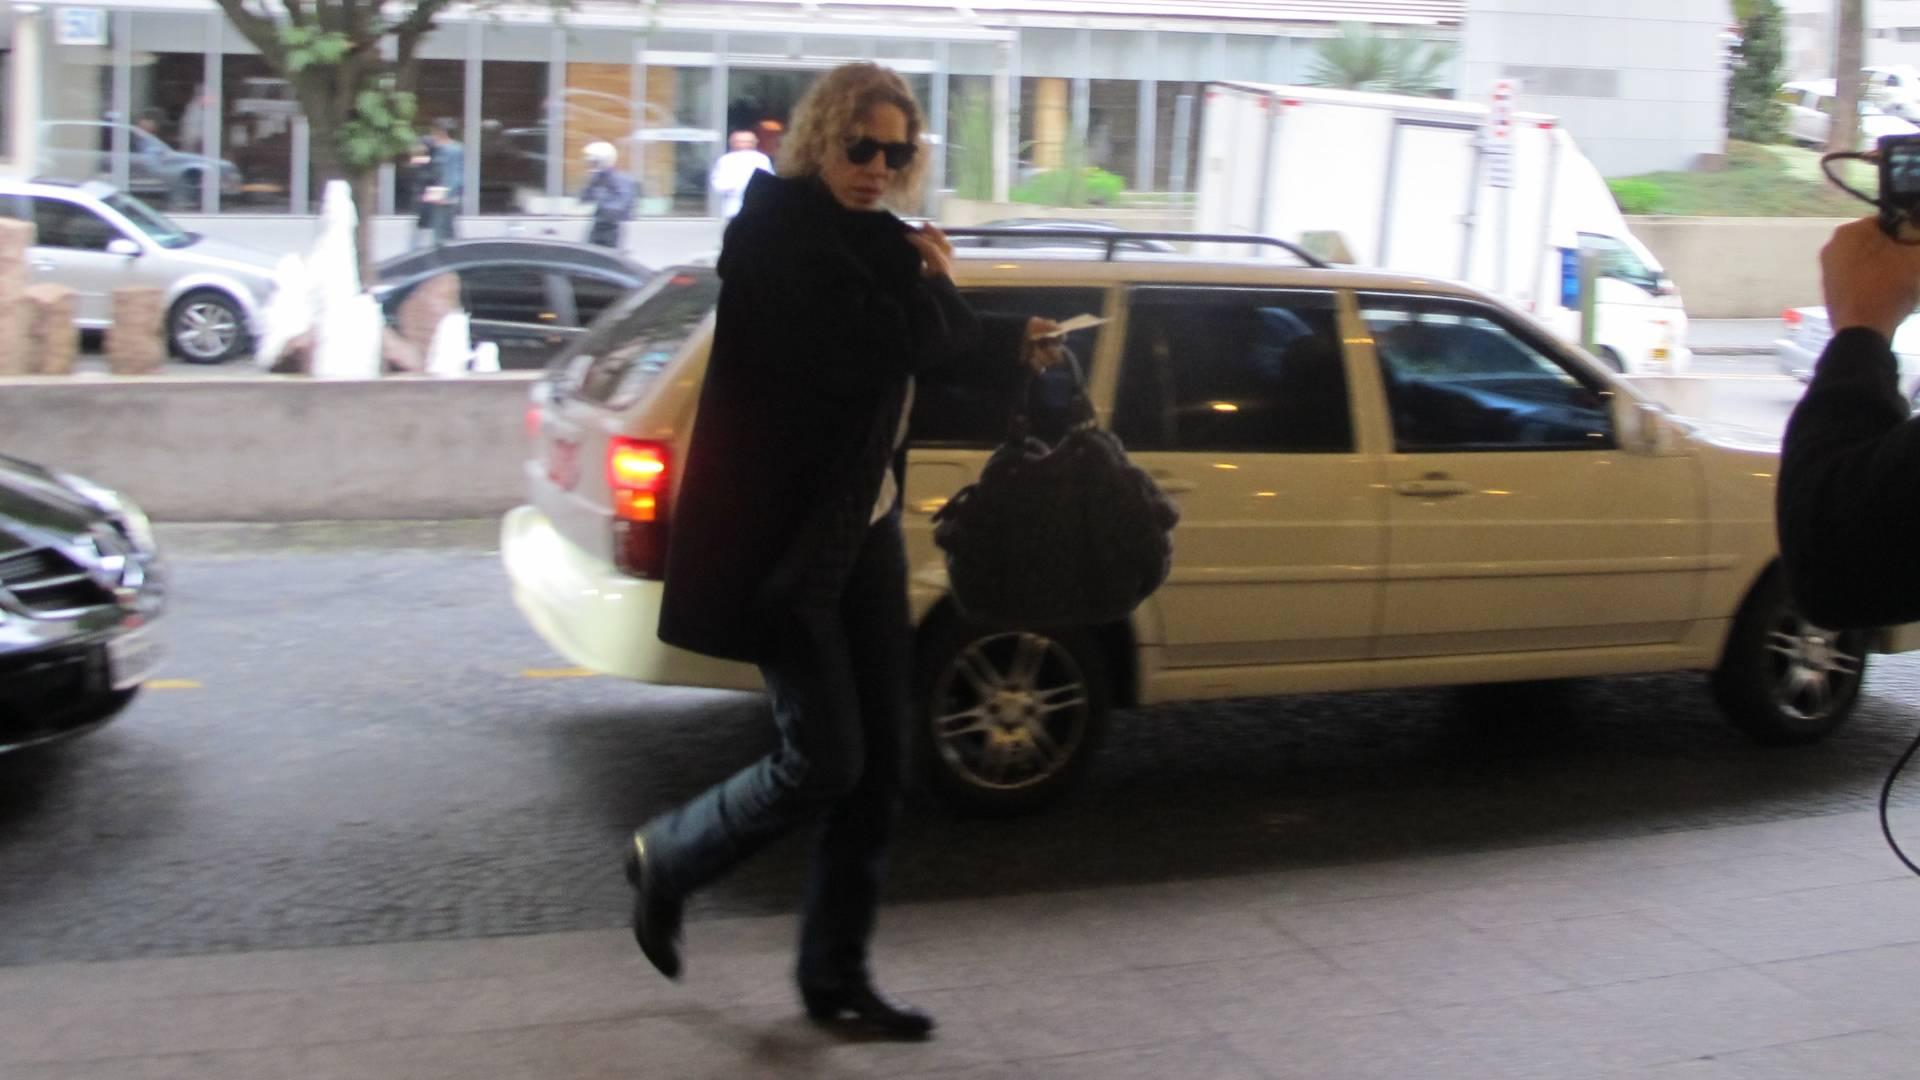 A apresentadora Marília Gabriela chega ao hospital Sírio Libanês para visitar o ator Reynaldo Gianecchini, seu ex-namorado, em São Paulo (22/8). O médico do ator disse que Gianecchini deve começar as sessões de quimioterapia nesta segunda (22)